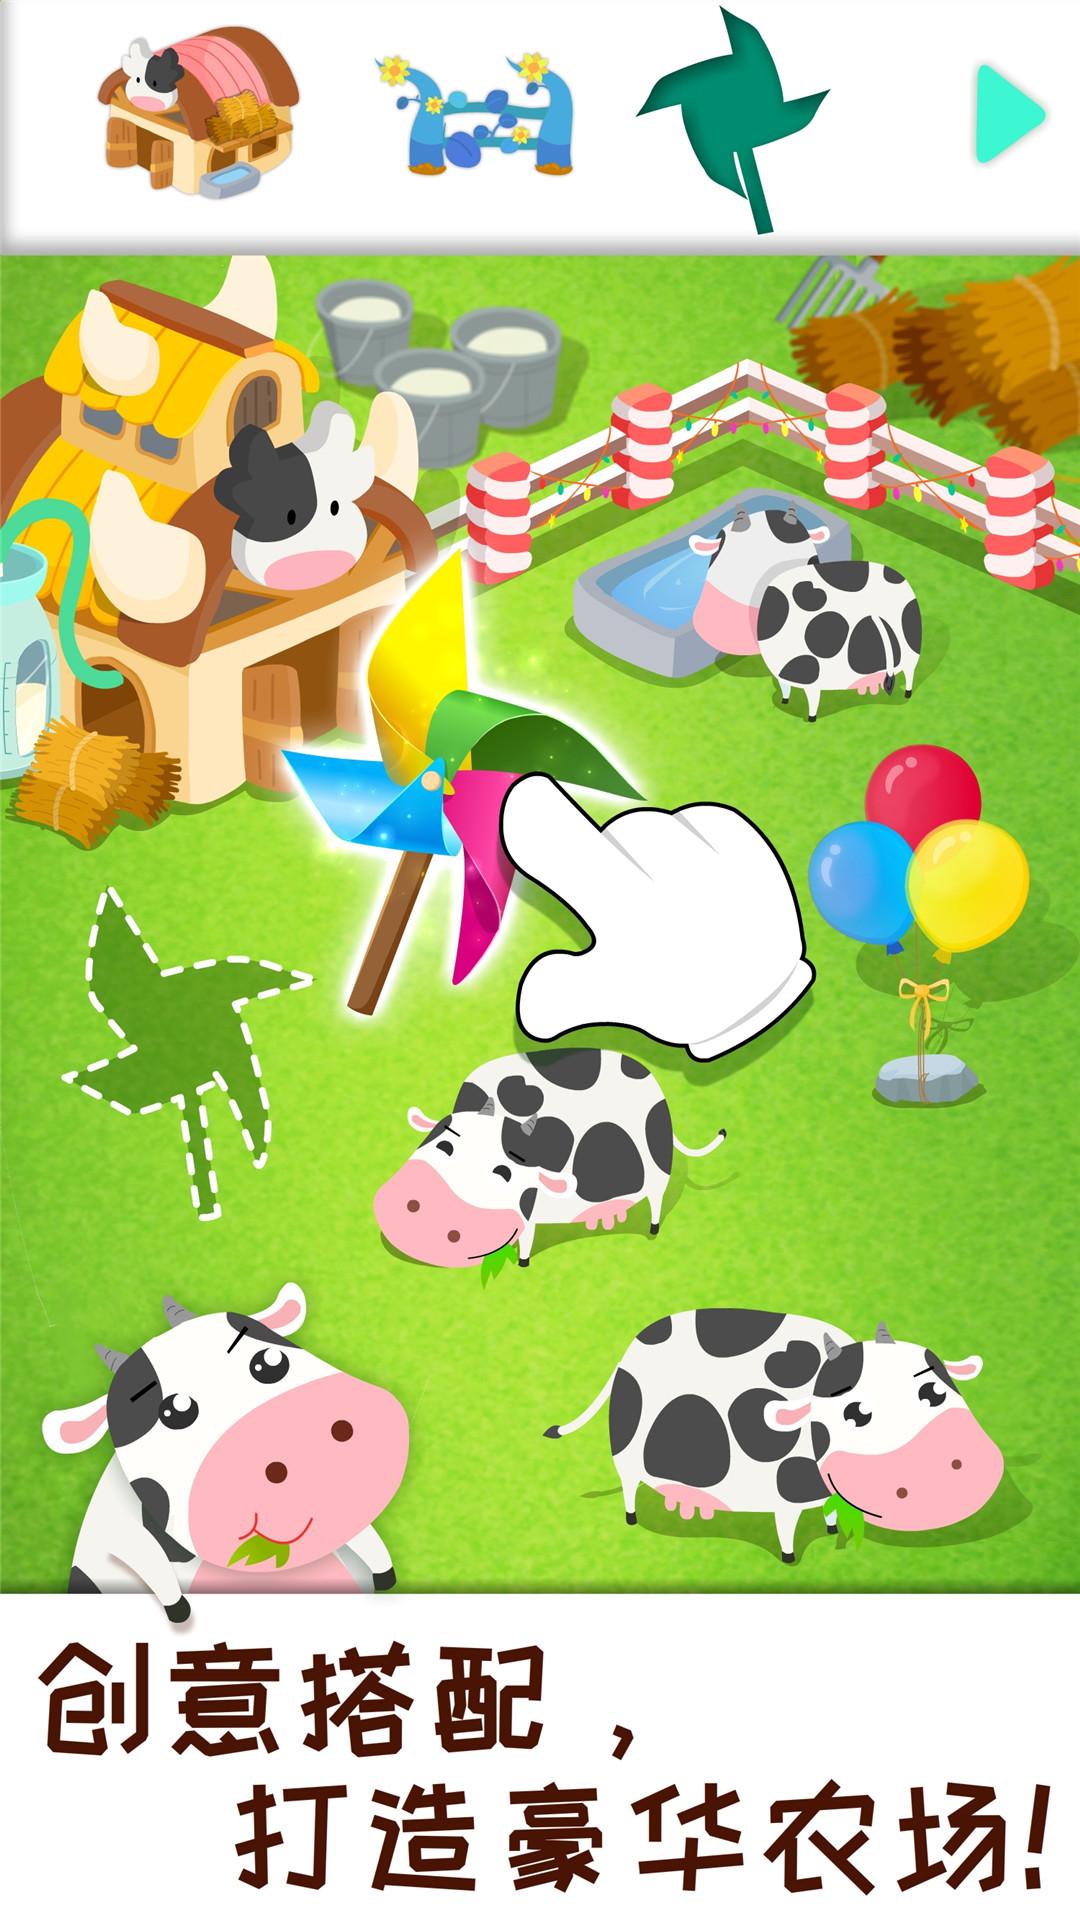 奇妙农场_奇妙农场-儿童早教免费下载_华为应用市场|奇妙农场-儿童早教安 ...